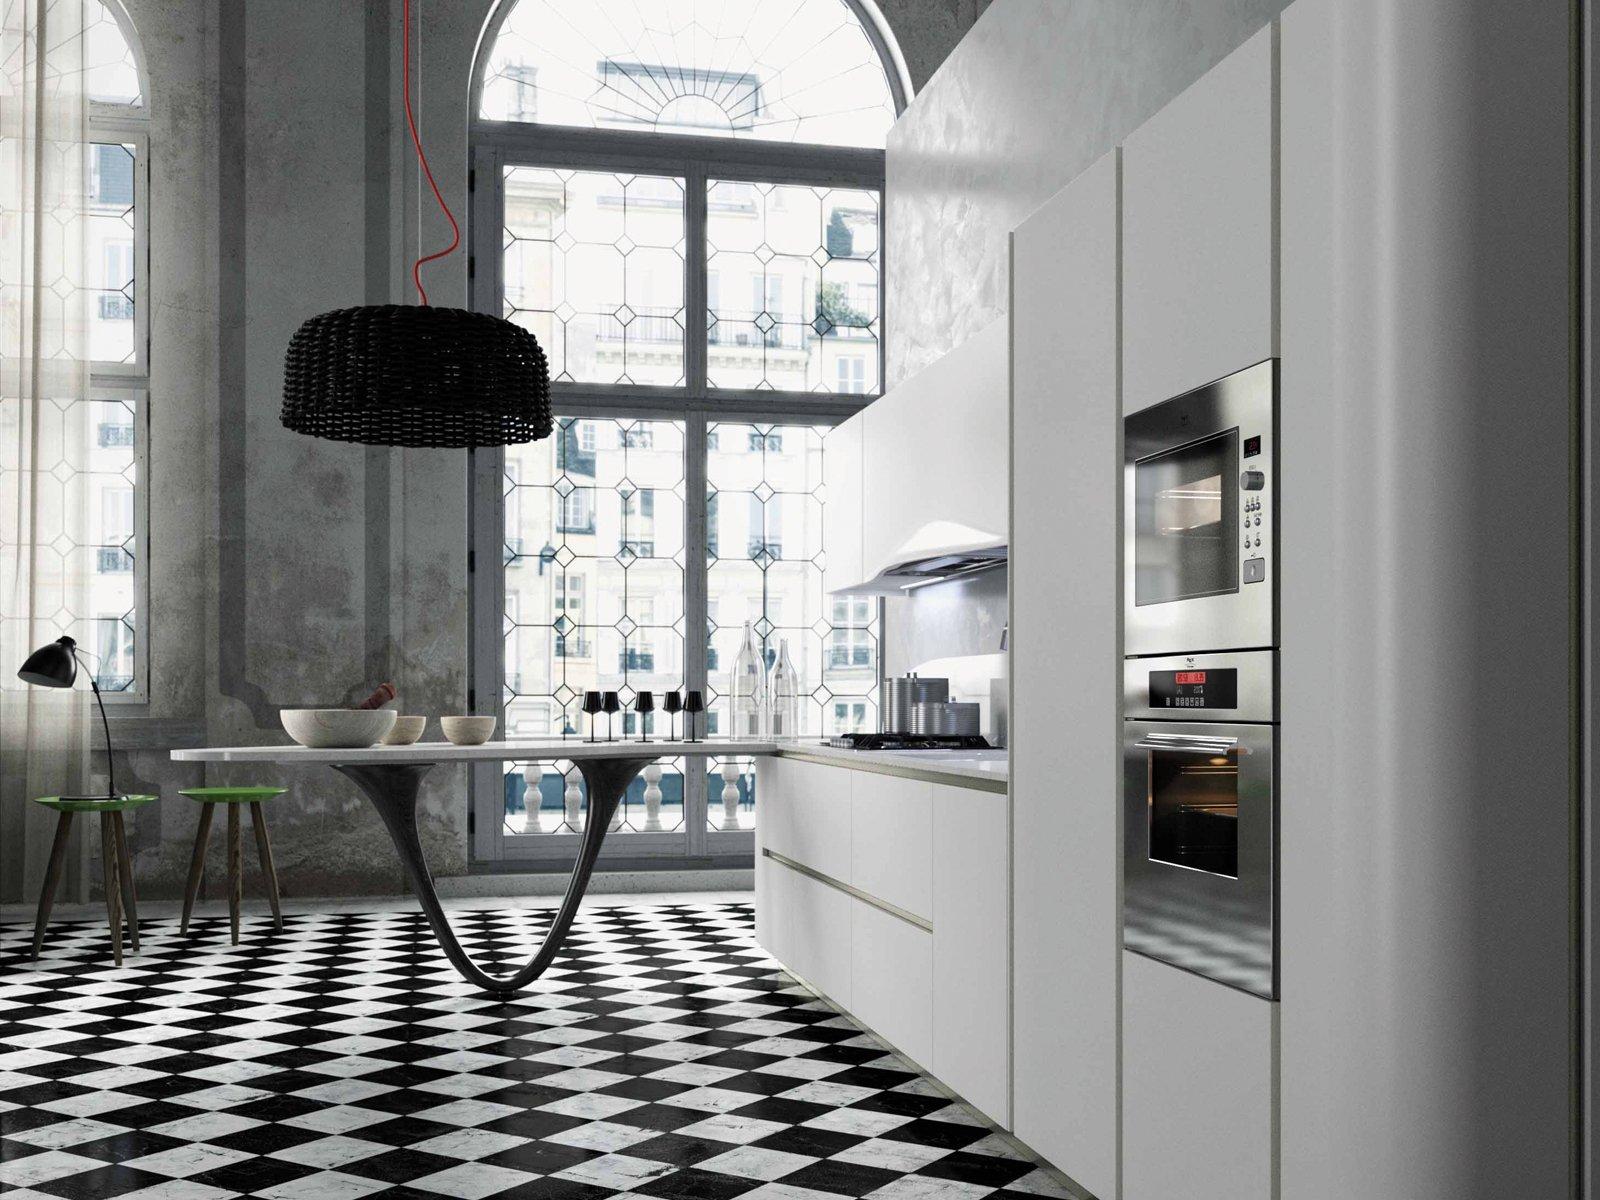 La cucina è... in soggiorno - Cose di Casa